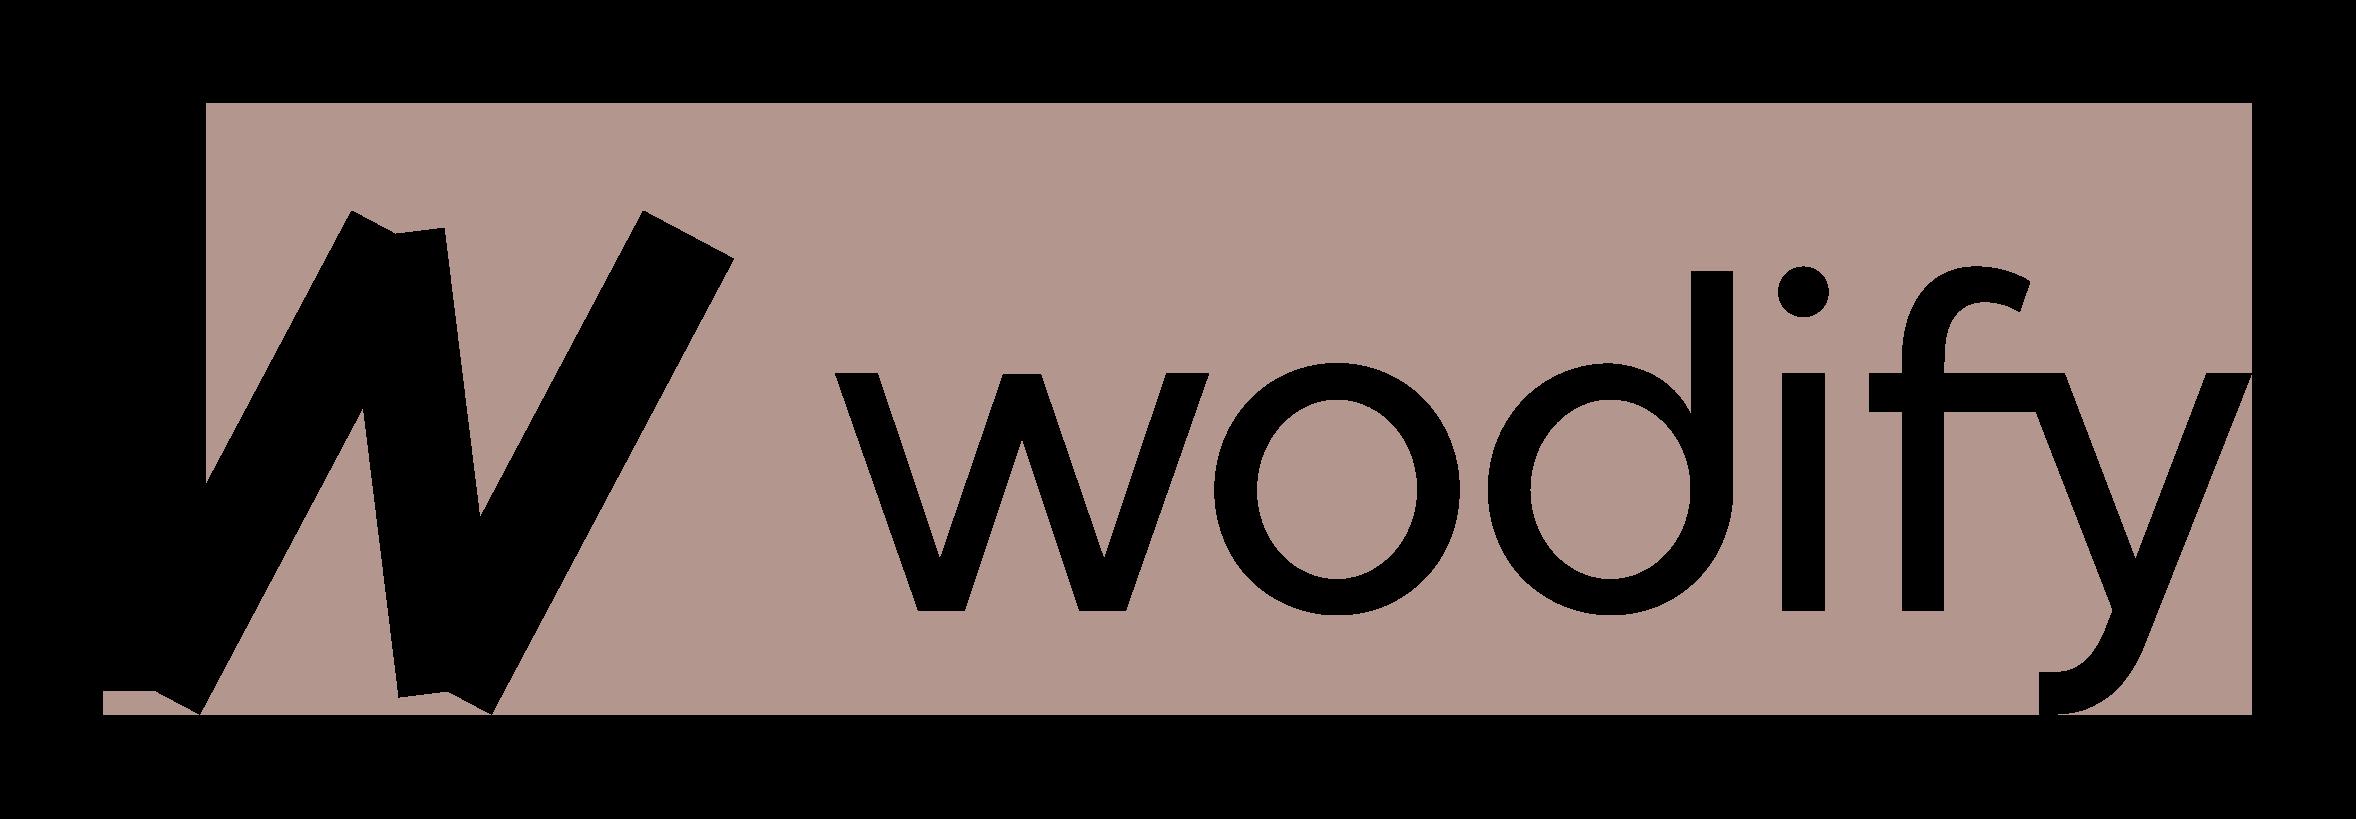 Wodify_Logo_Black@2x.png